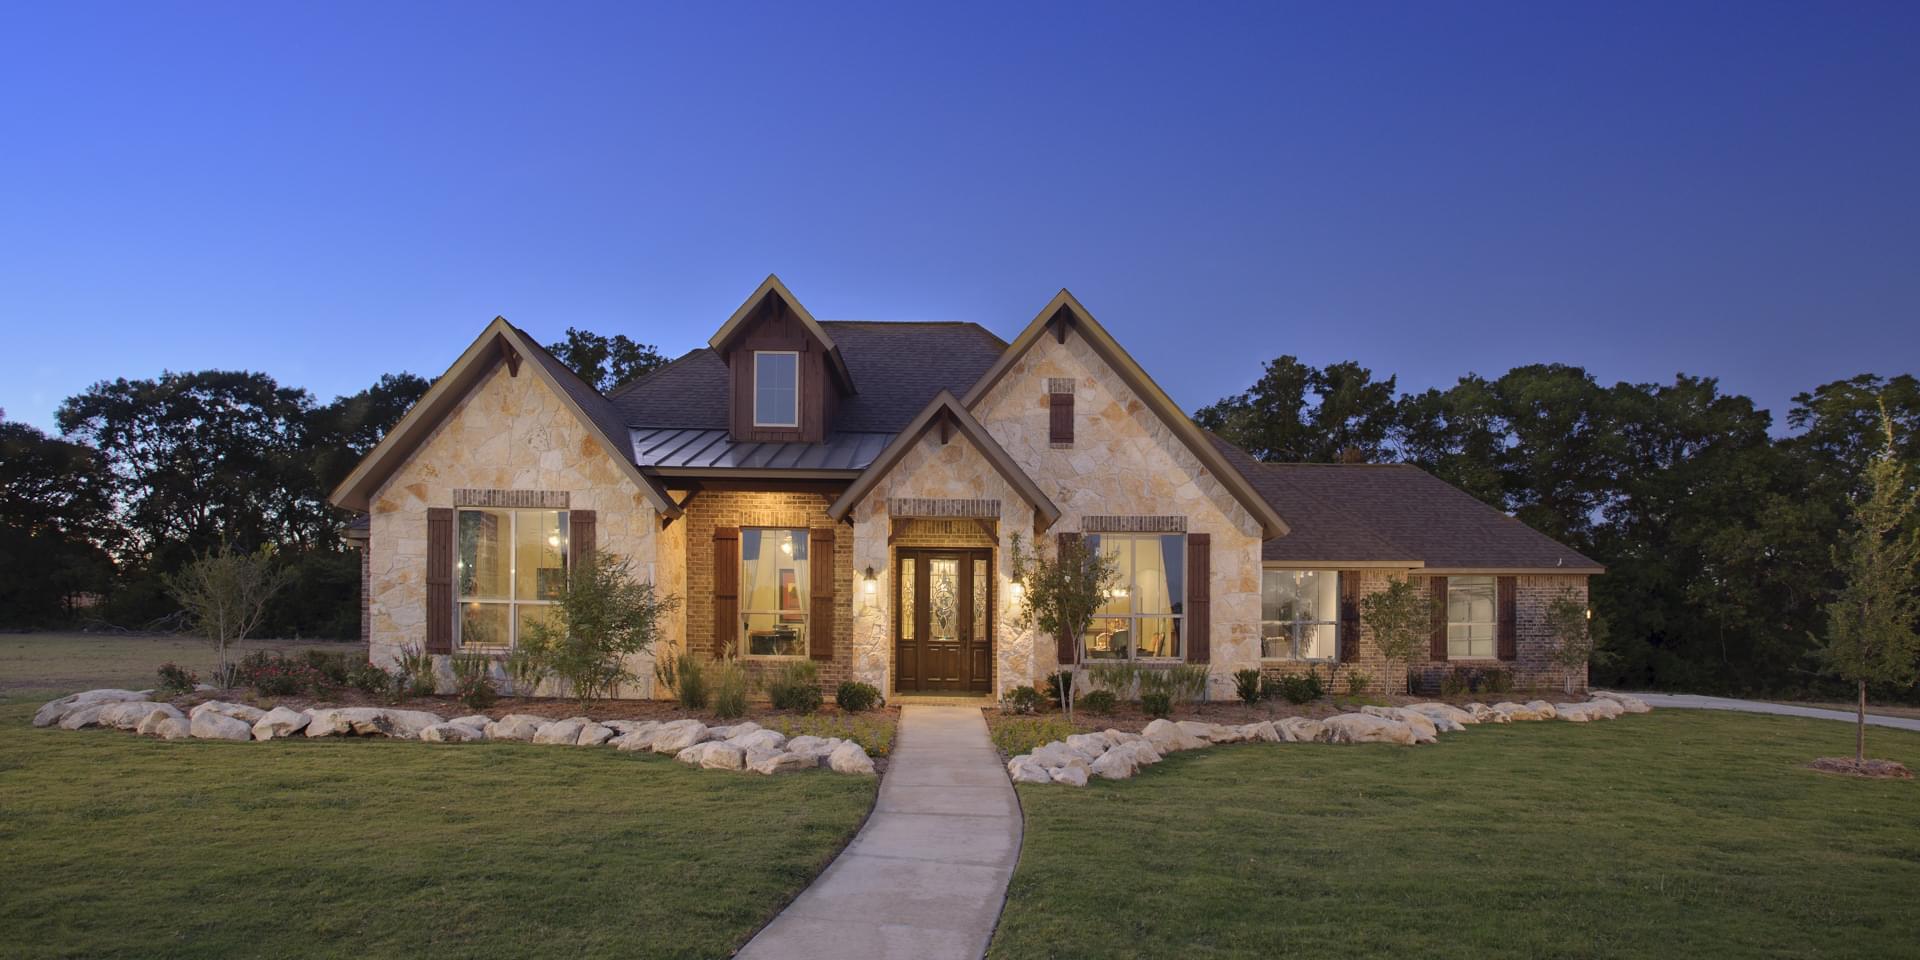 The Hillsboro Custom Home Plan from Tilson Homes